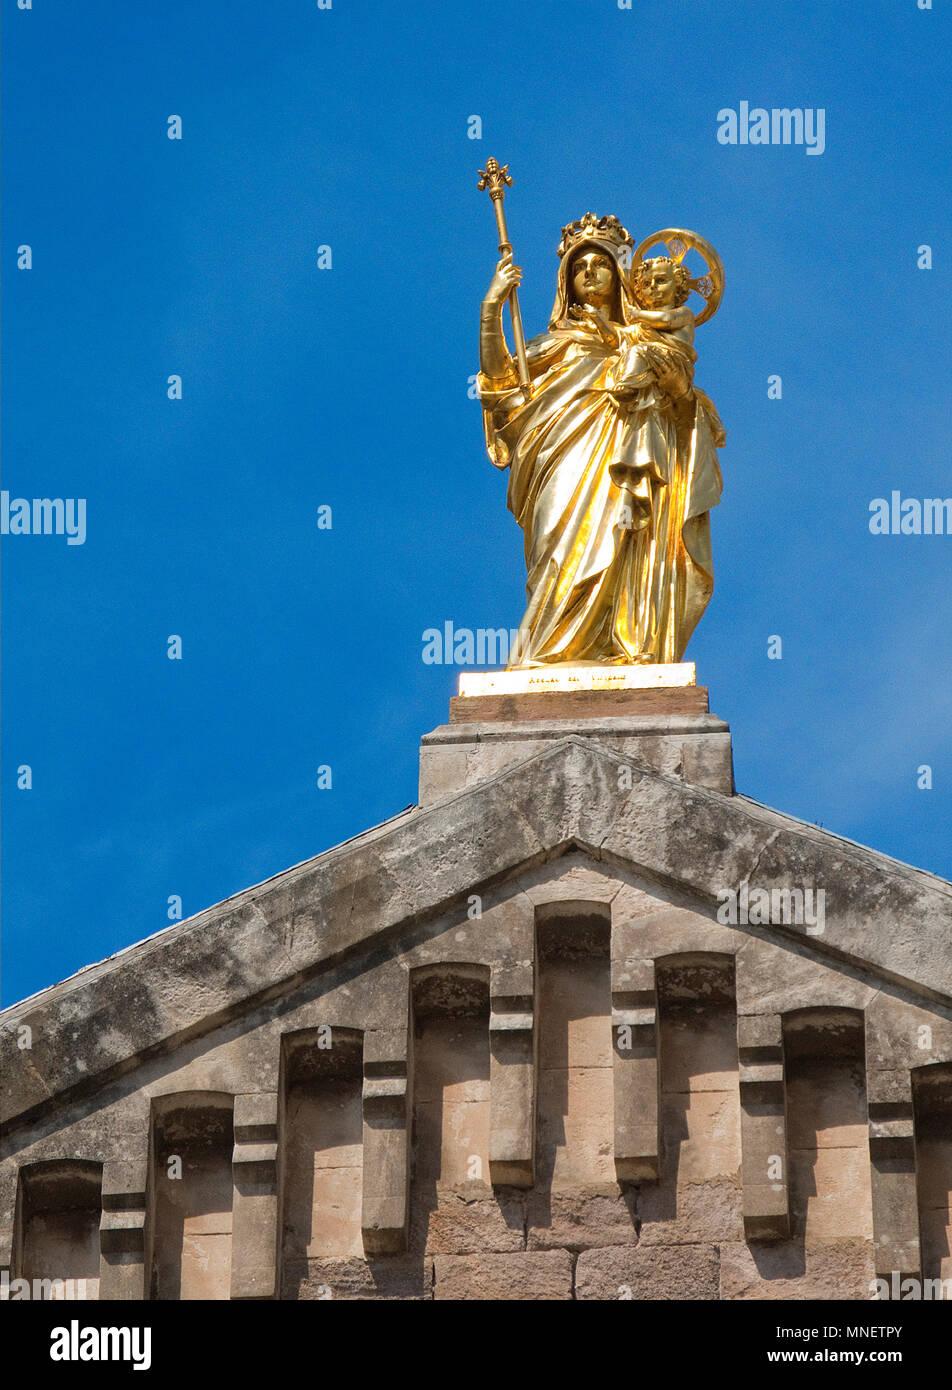 Vergoldete Maria mit Jesuskind auf der Basilika Notre Dame de la Victoire, Saint-Raphaël, Cote d'Azur, Département Var, Provence-Alpes-Côte d'Azur, Su - Stock Image